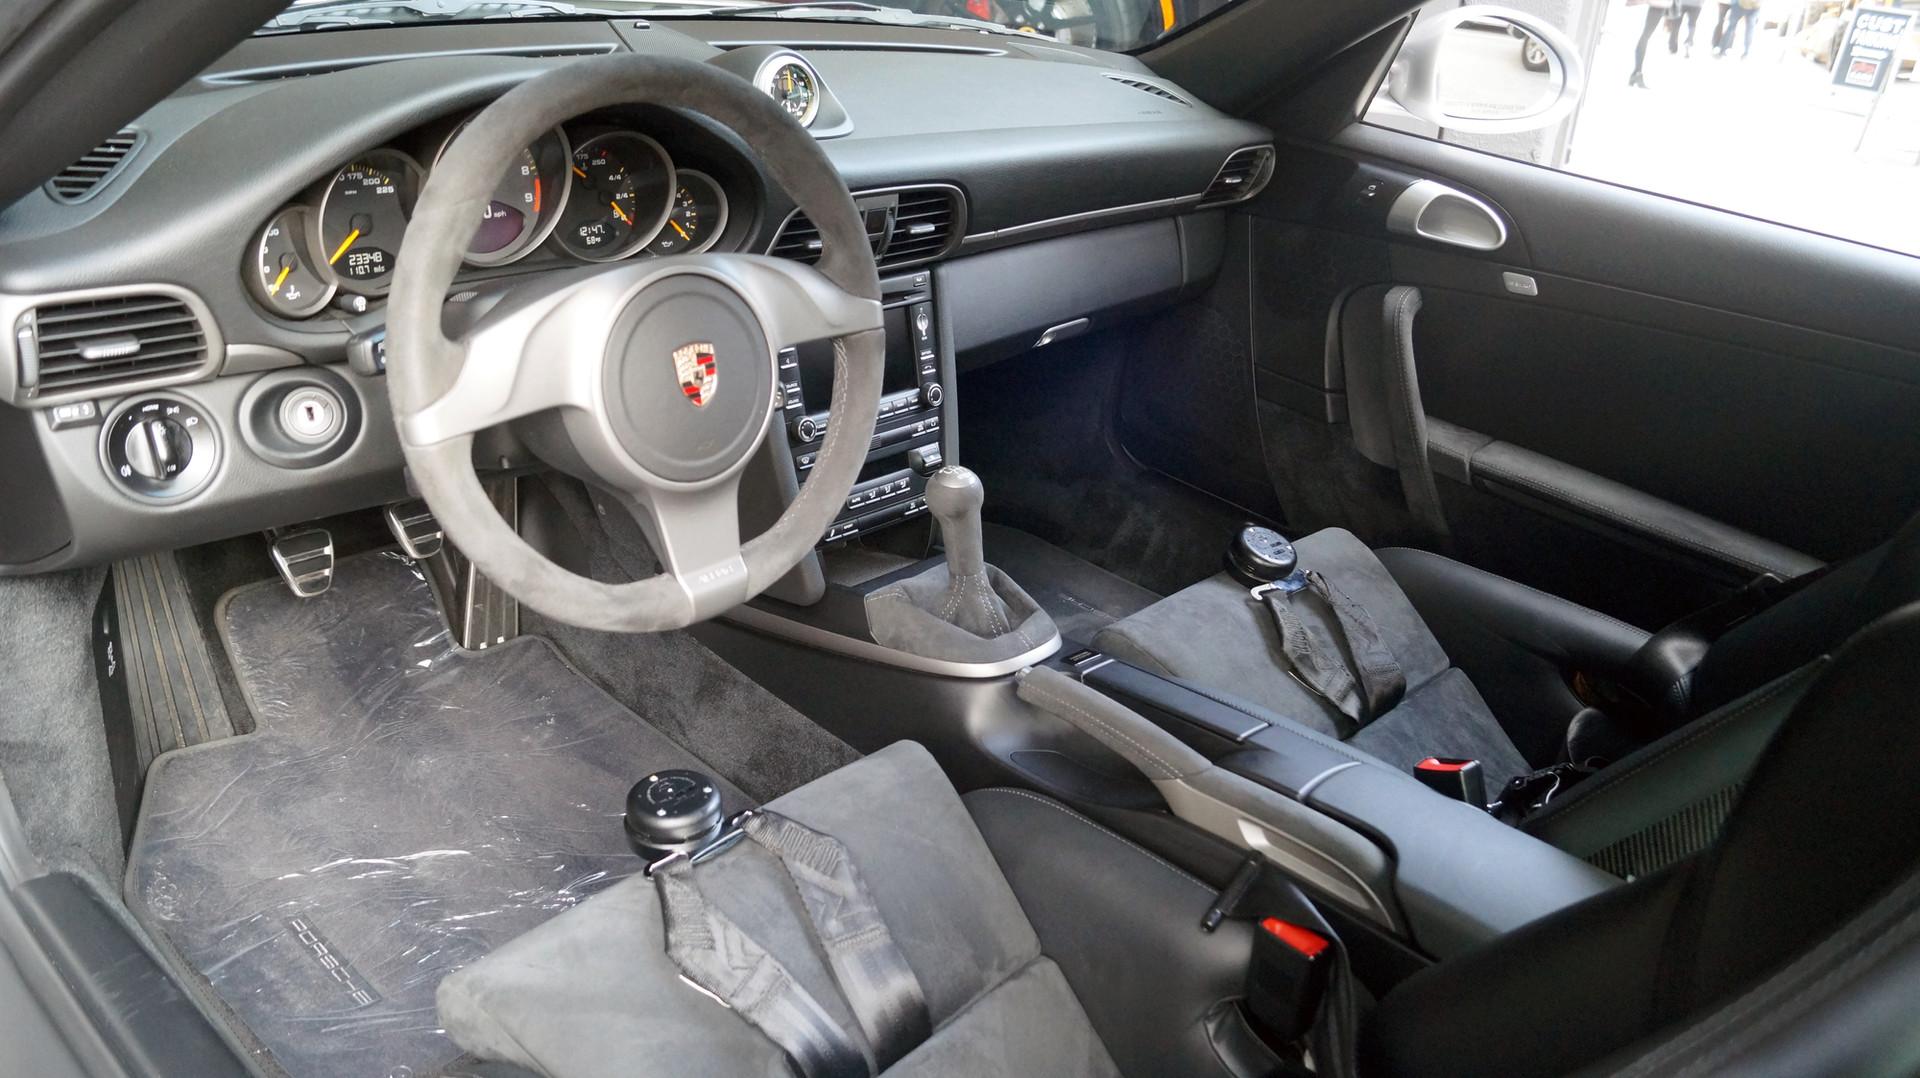 GT3 Interior Detail